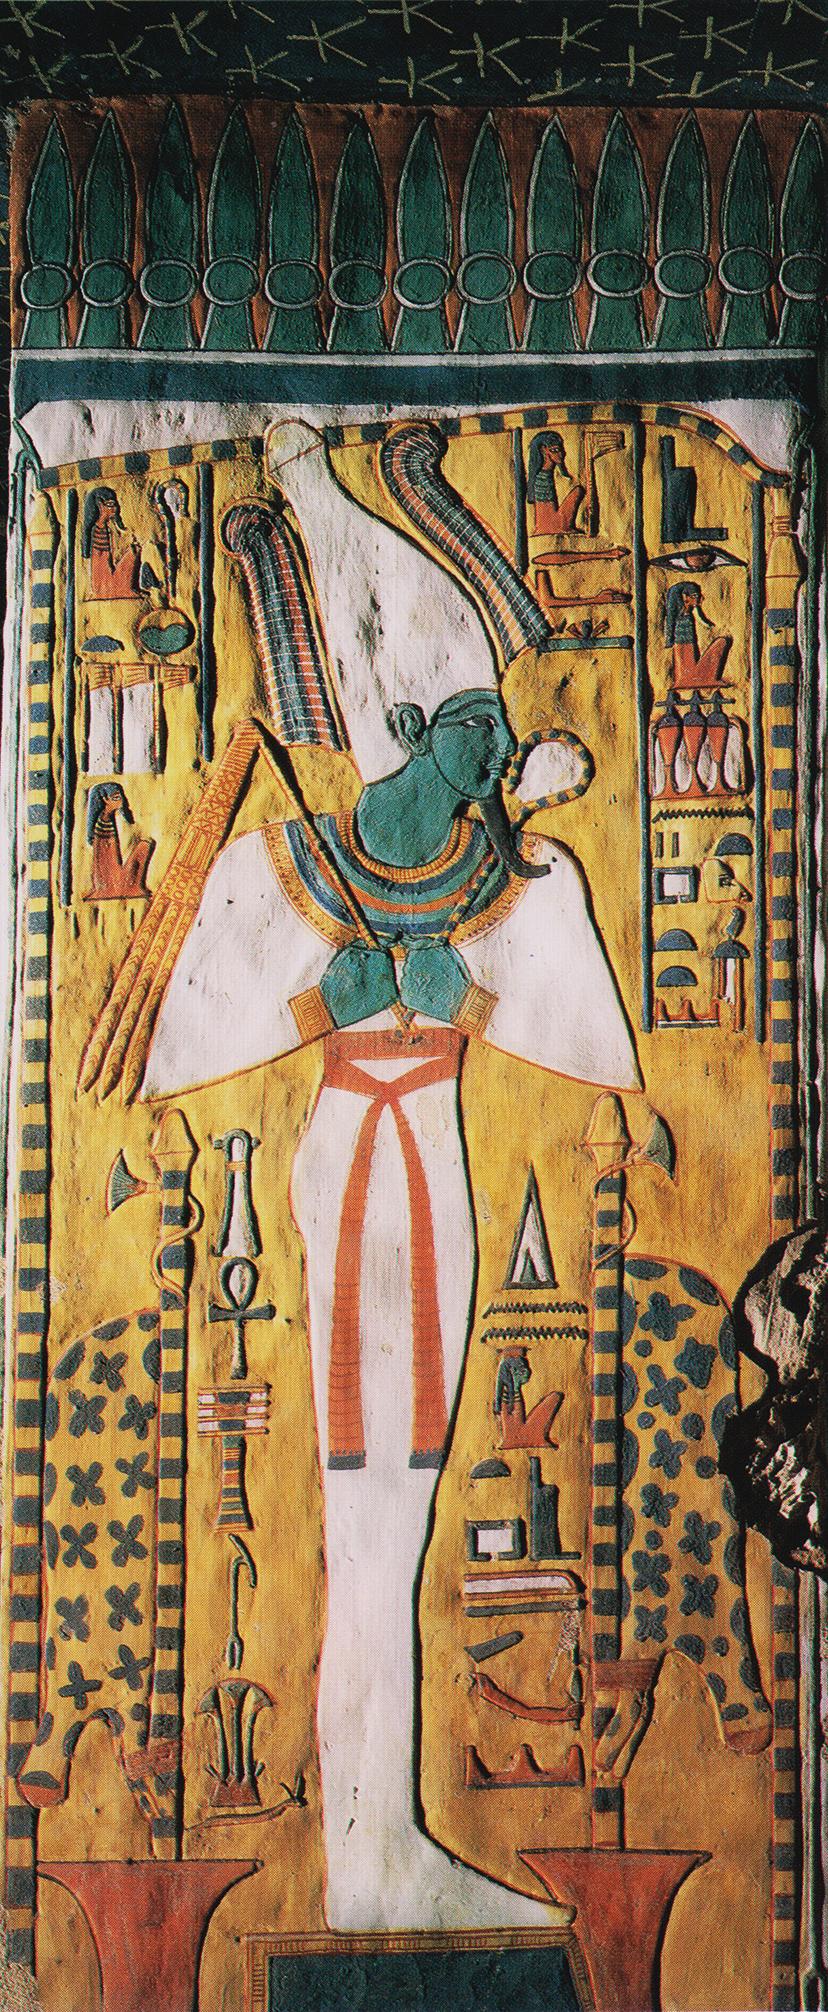 Imagen 9, Osiris, pilar 1